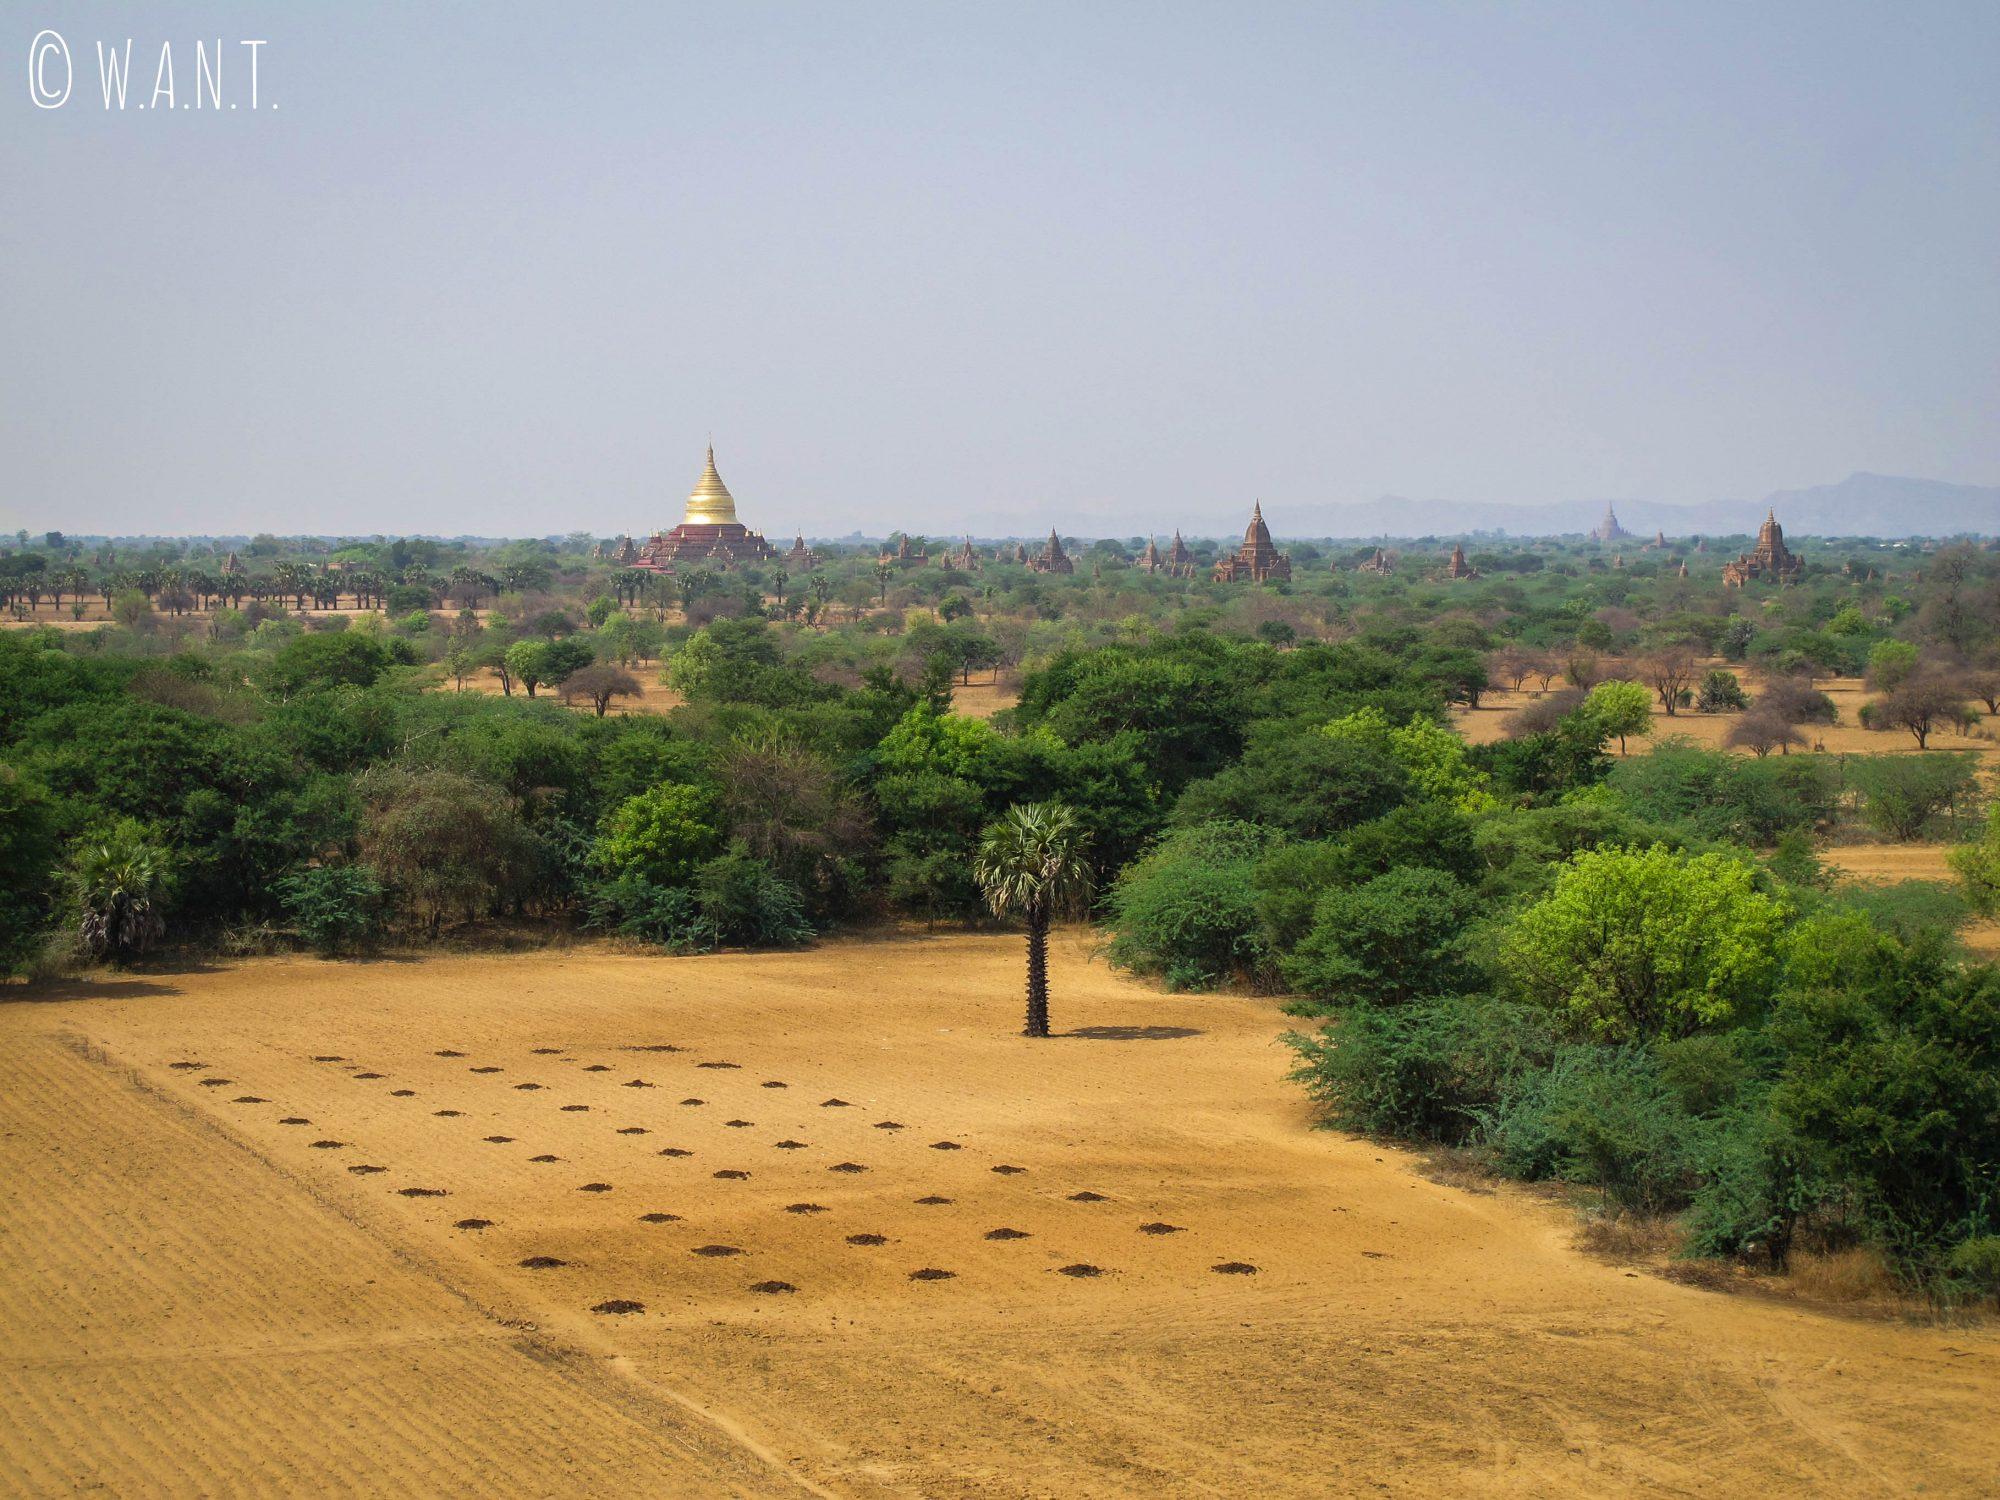 Vue sur la faune environnante et la pagode Dhammayanzika